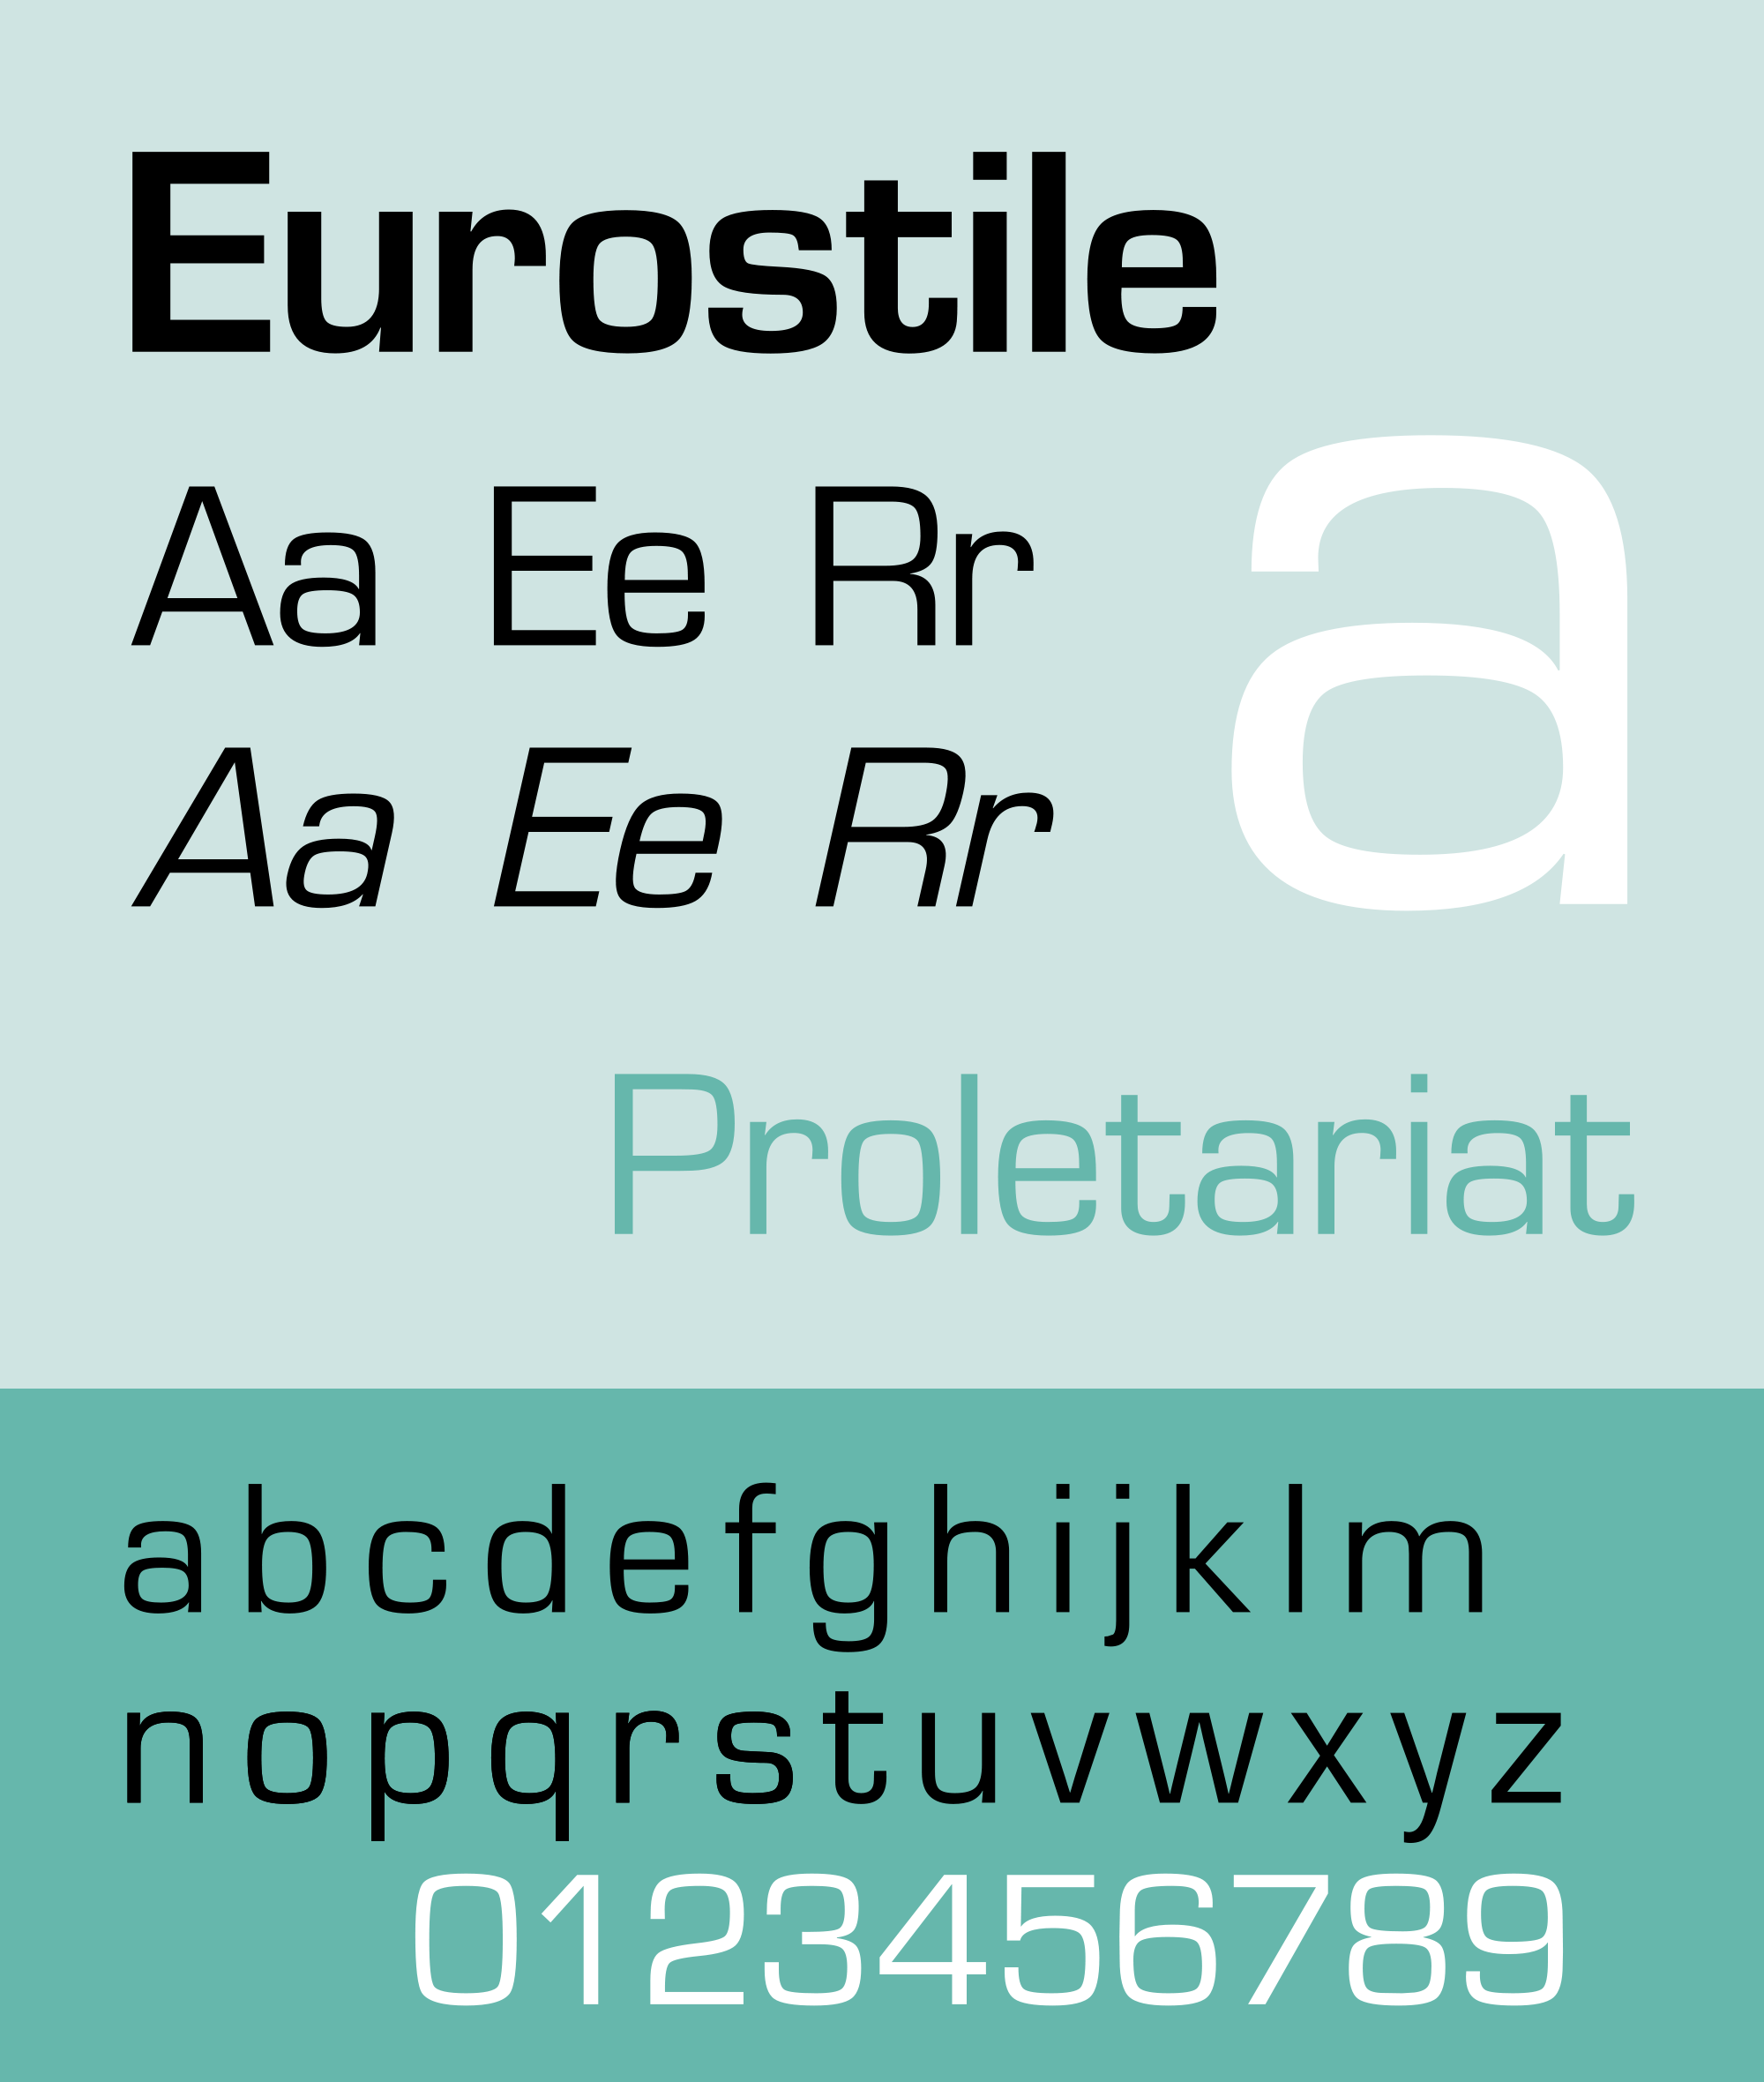 las tipografías más utilizadas en publicidad: Eurostile